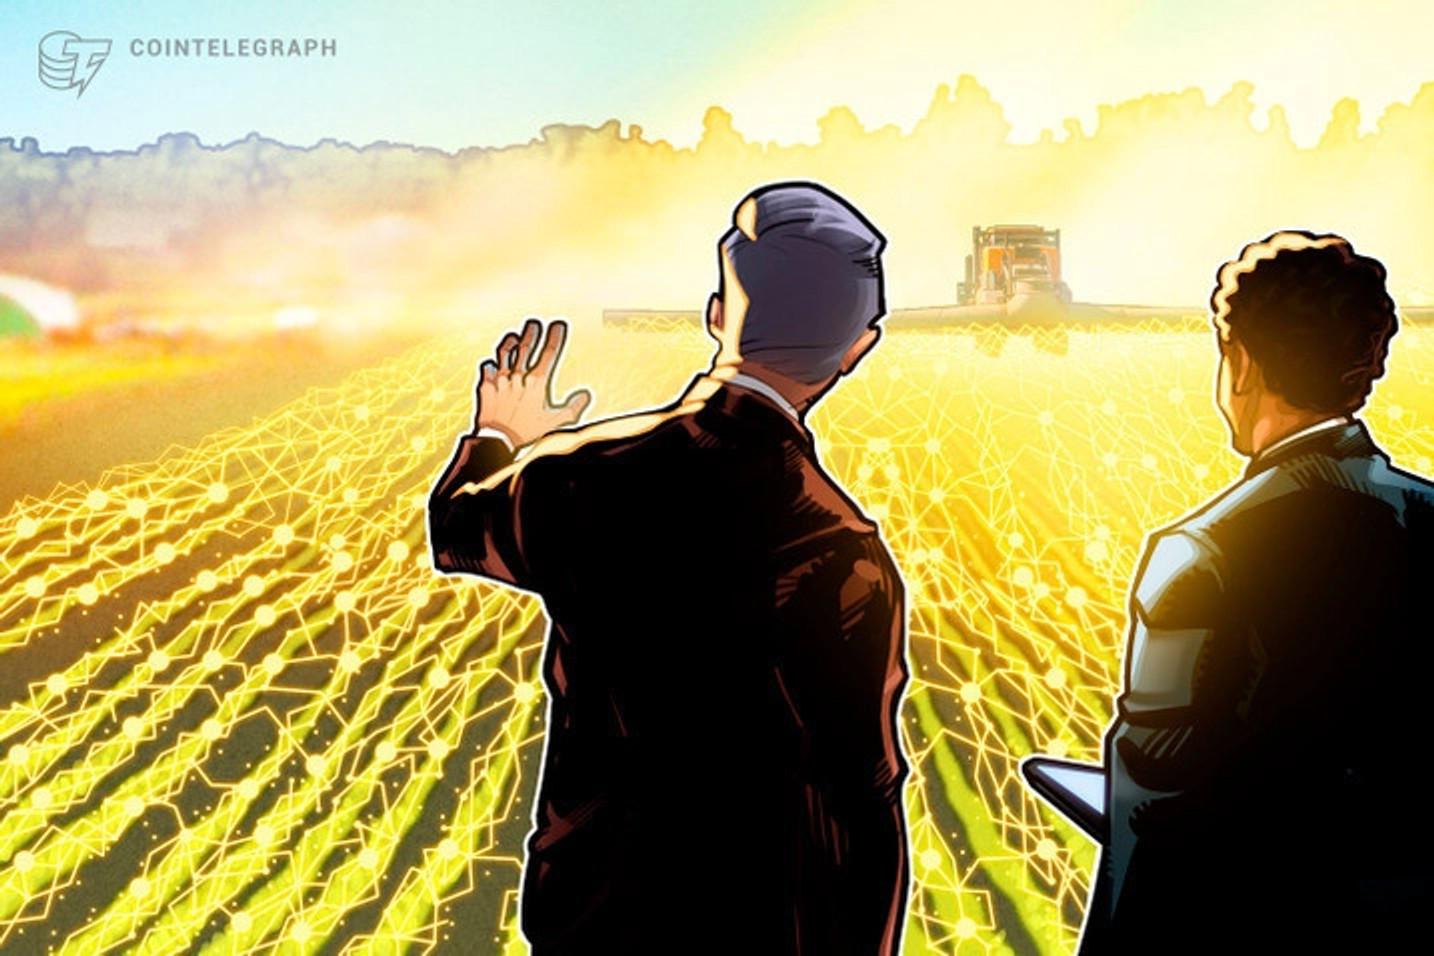 Associação dos produtores de cana da Paraiba usa blockchain para emitir selo de qualidade da produção